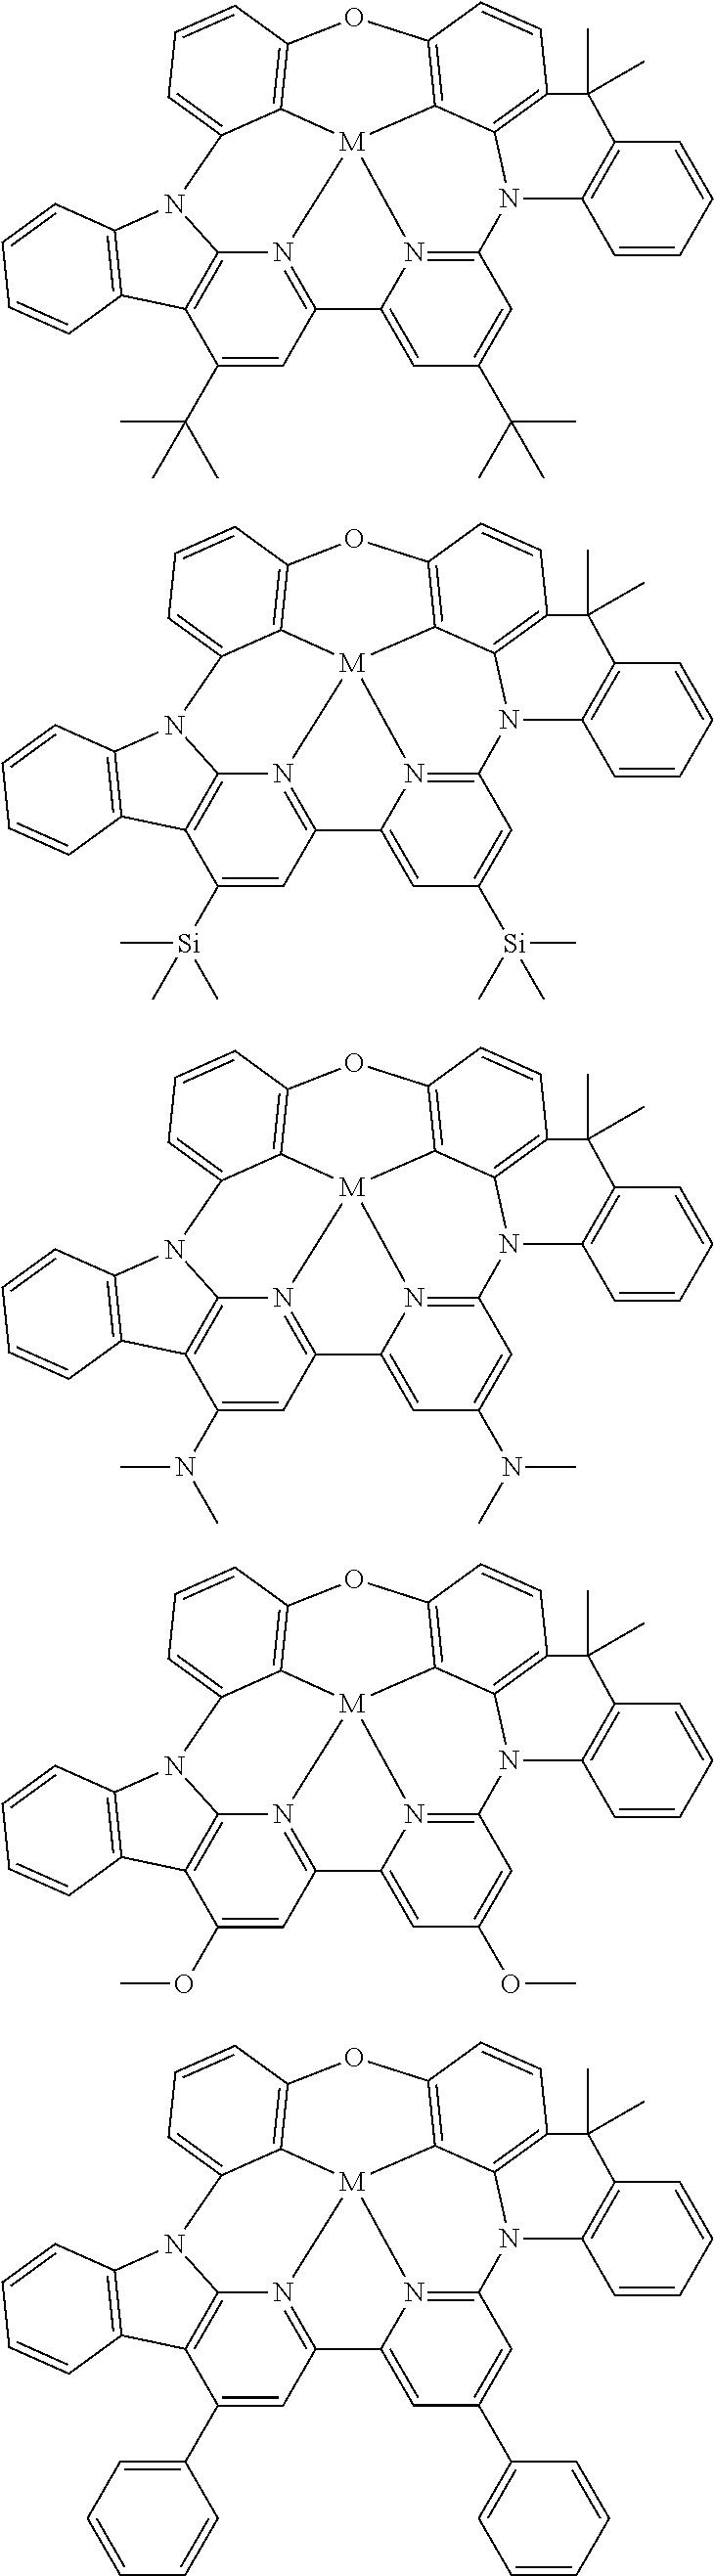 Figure US10158091-20181218-C00265